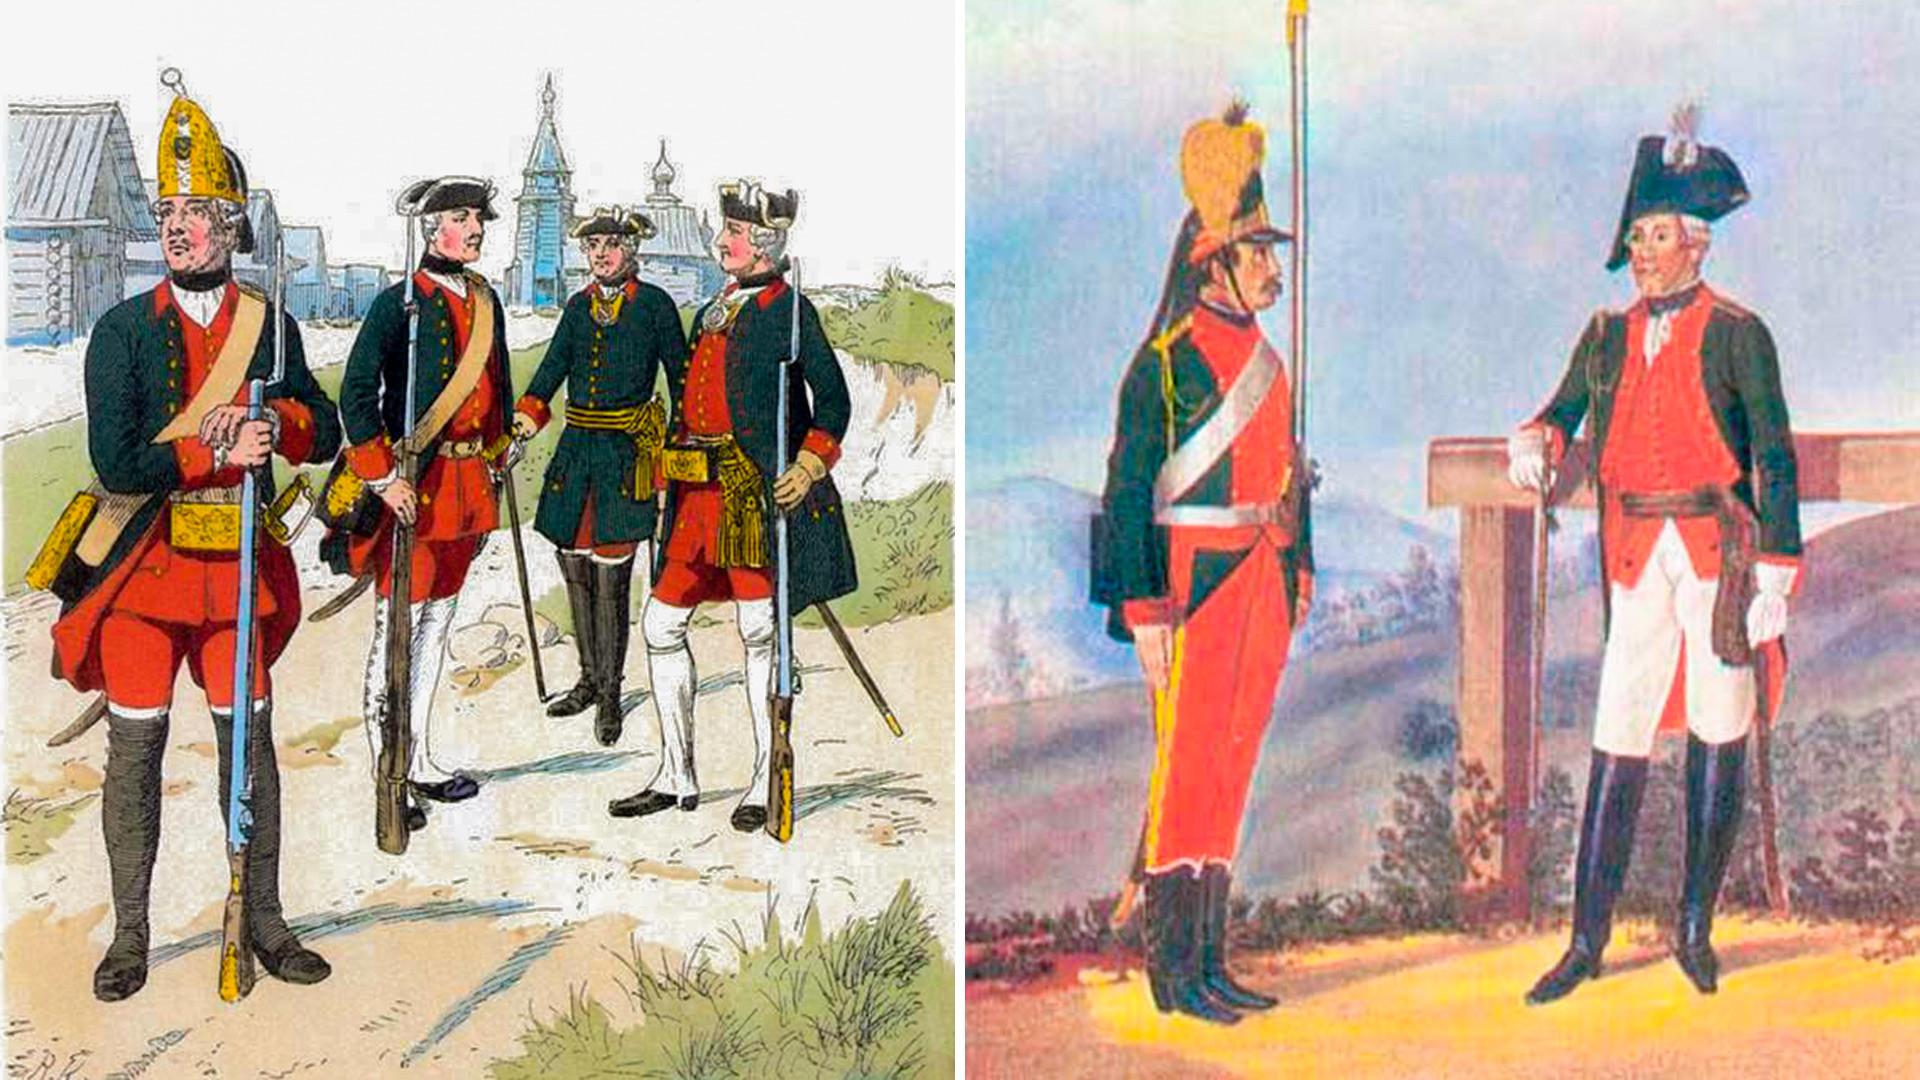 L'uniforme des soldats russes avant et après la réforme initiée par Potemkine